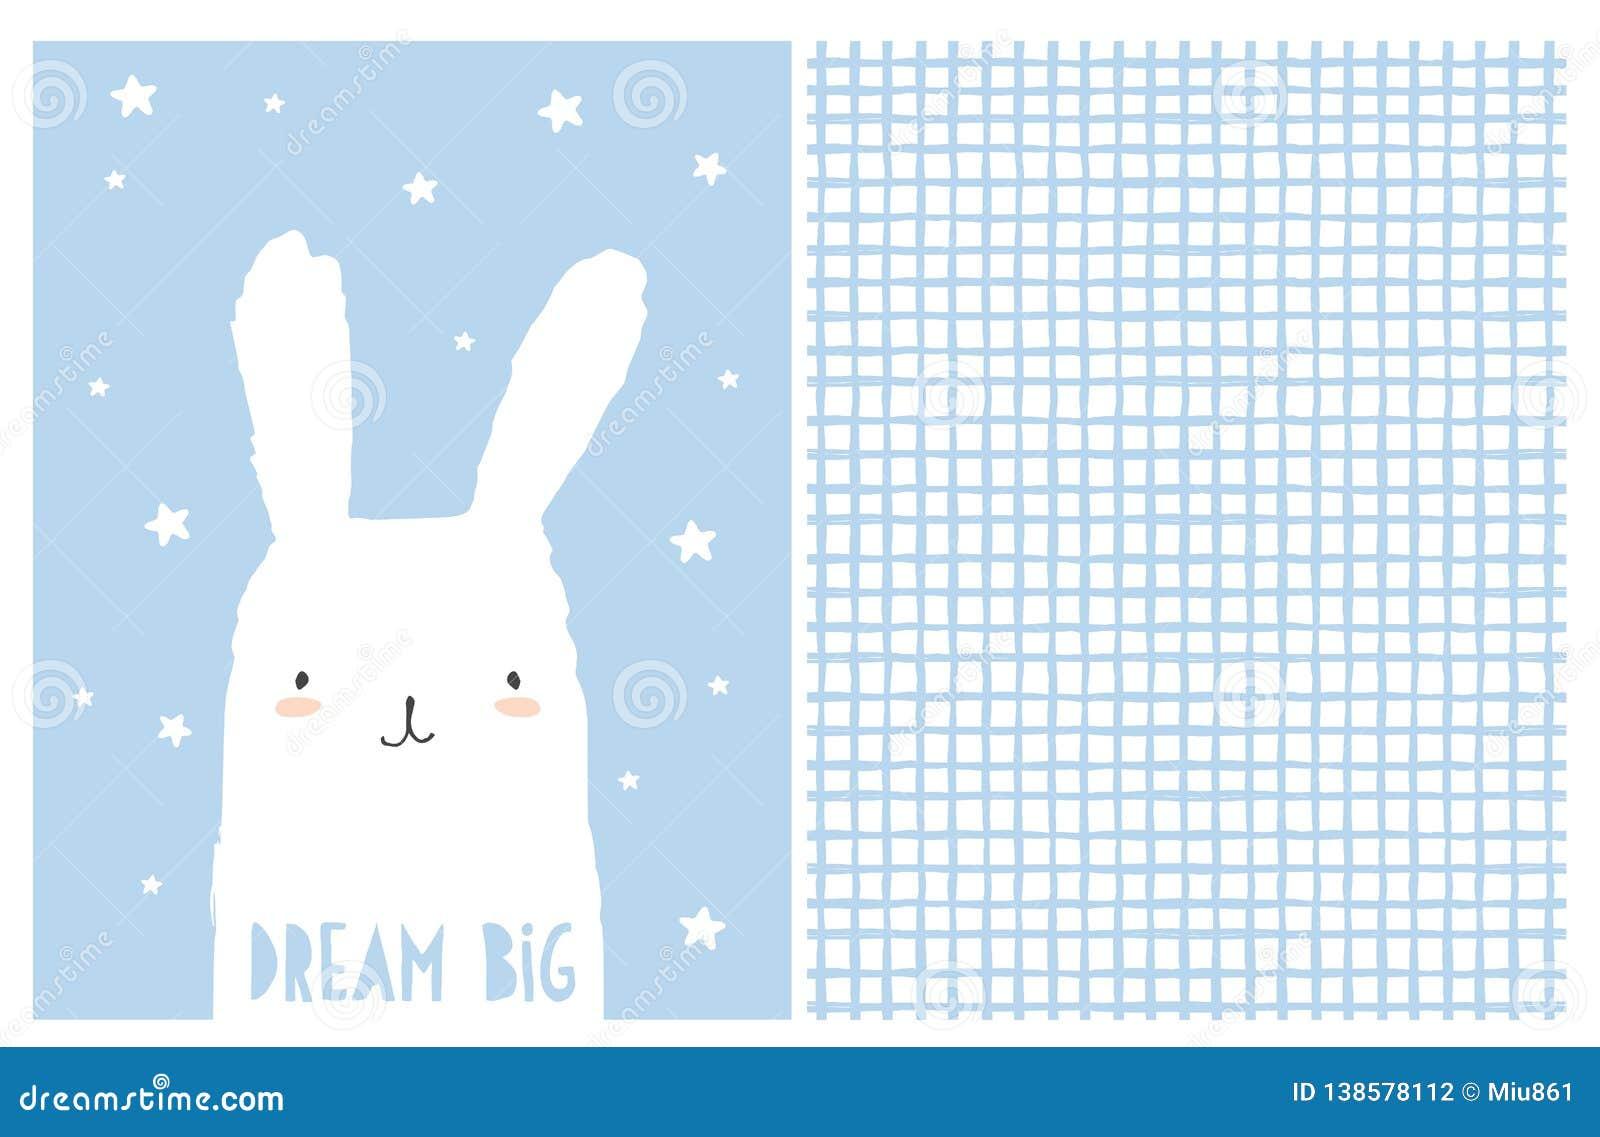 Art. van het droom het Grote Kinderdagverblijf Leuk Wit Bunny Vector Illustration Onregelmatig Wit en Blauw Netpatroon